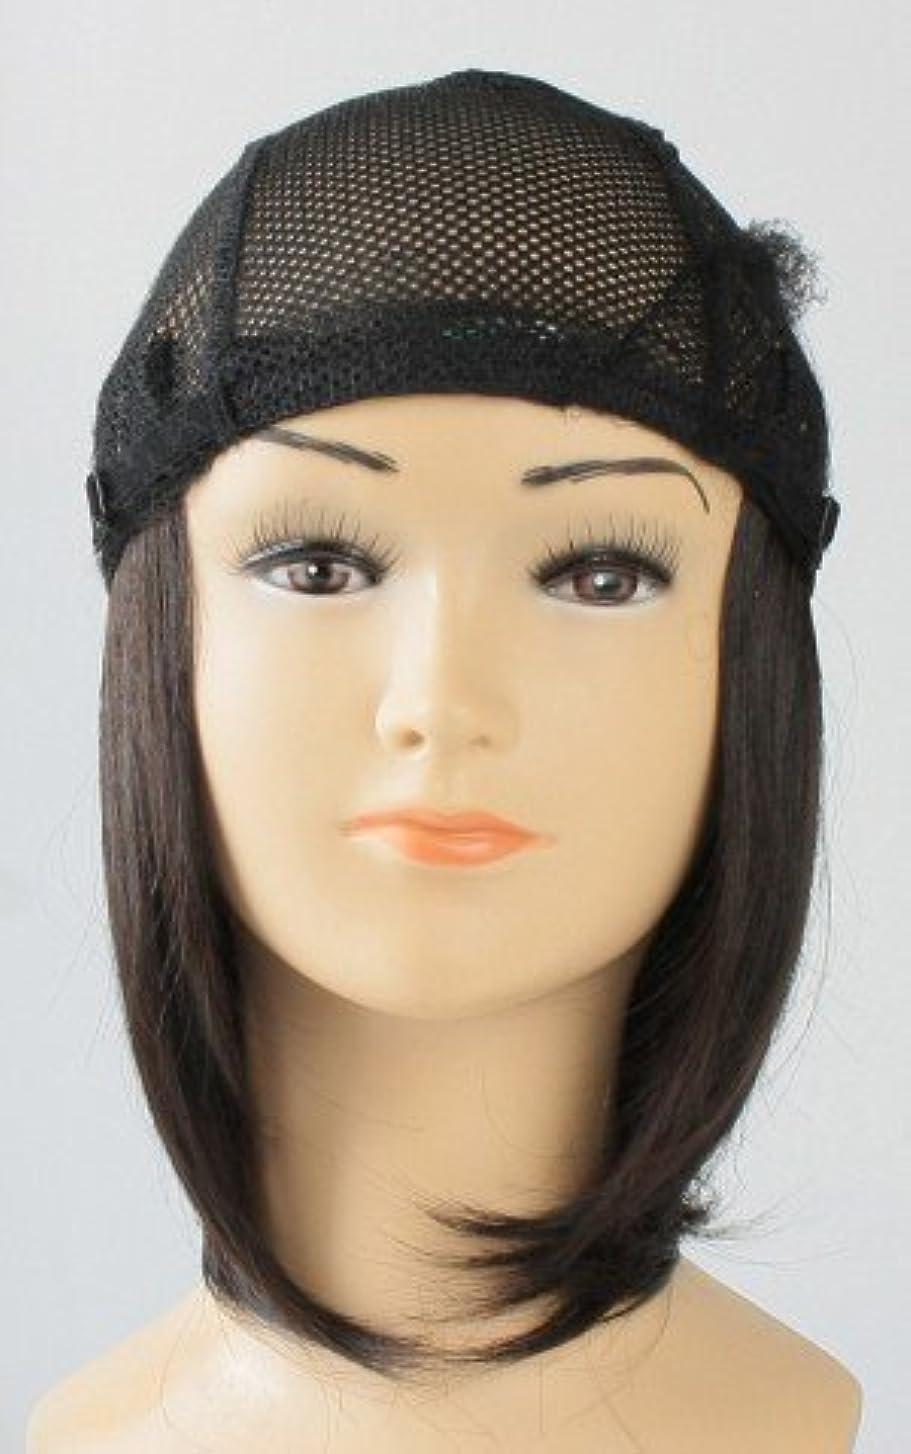 芸術眠り取り戻す『お気に入りの帽子にセットするだけ【簡単取外し式付け髪?医療用ウィッグ】(ネットインナ‐キャップ下地)』ミディアム栗色